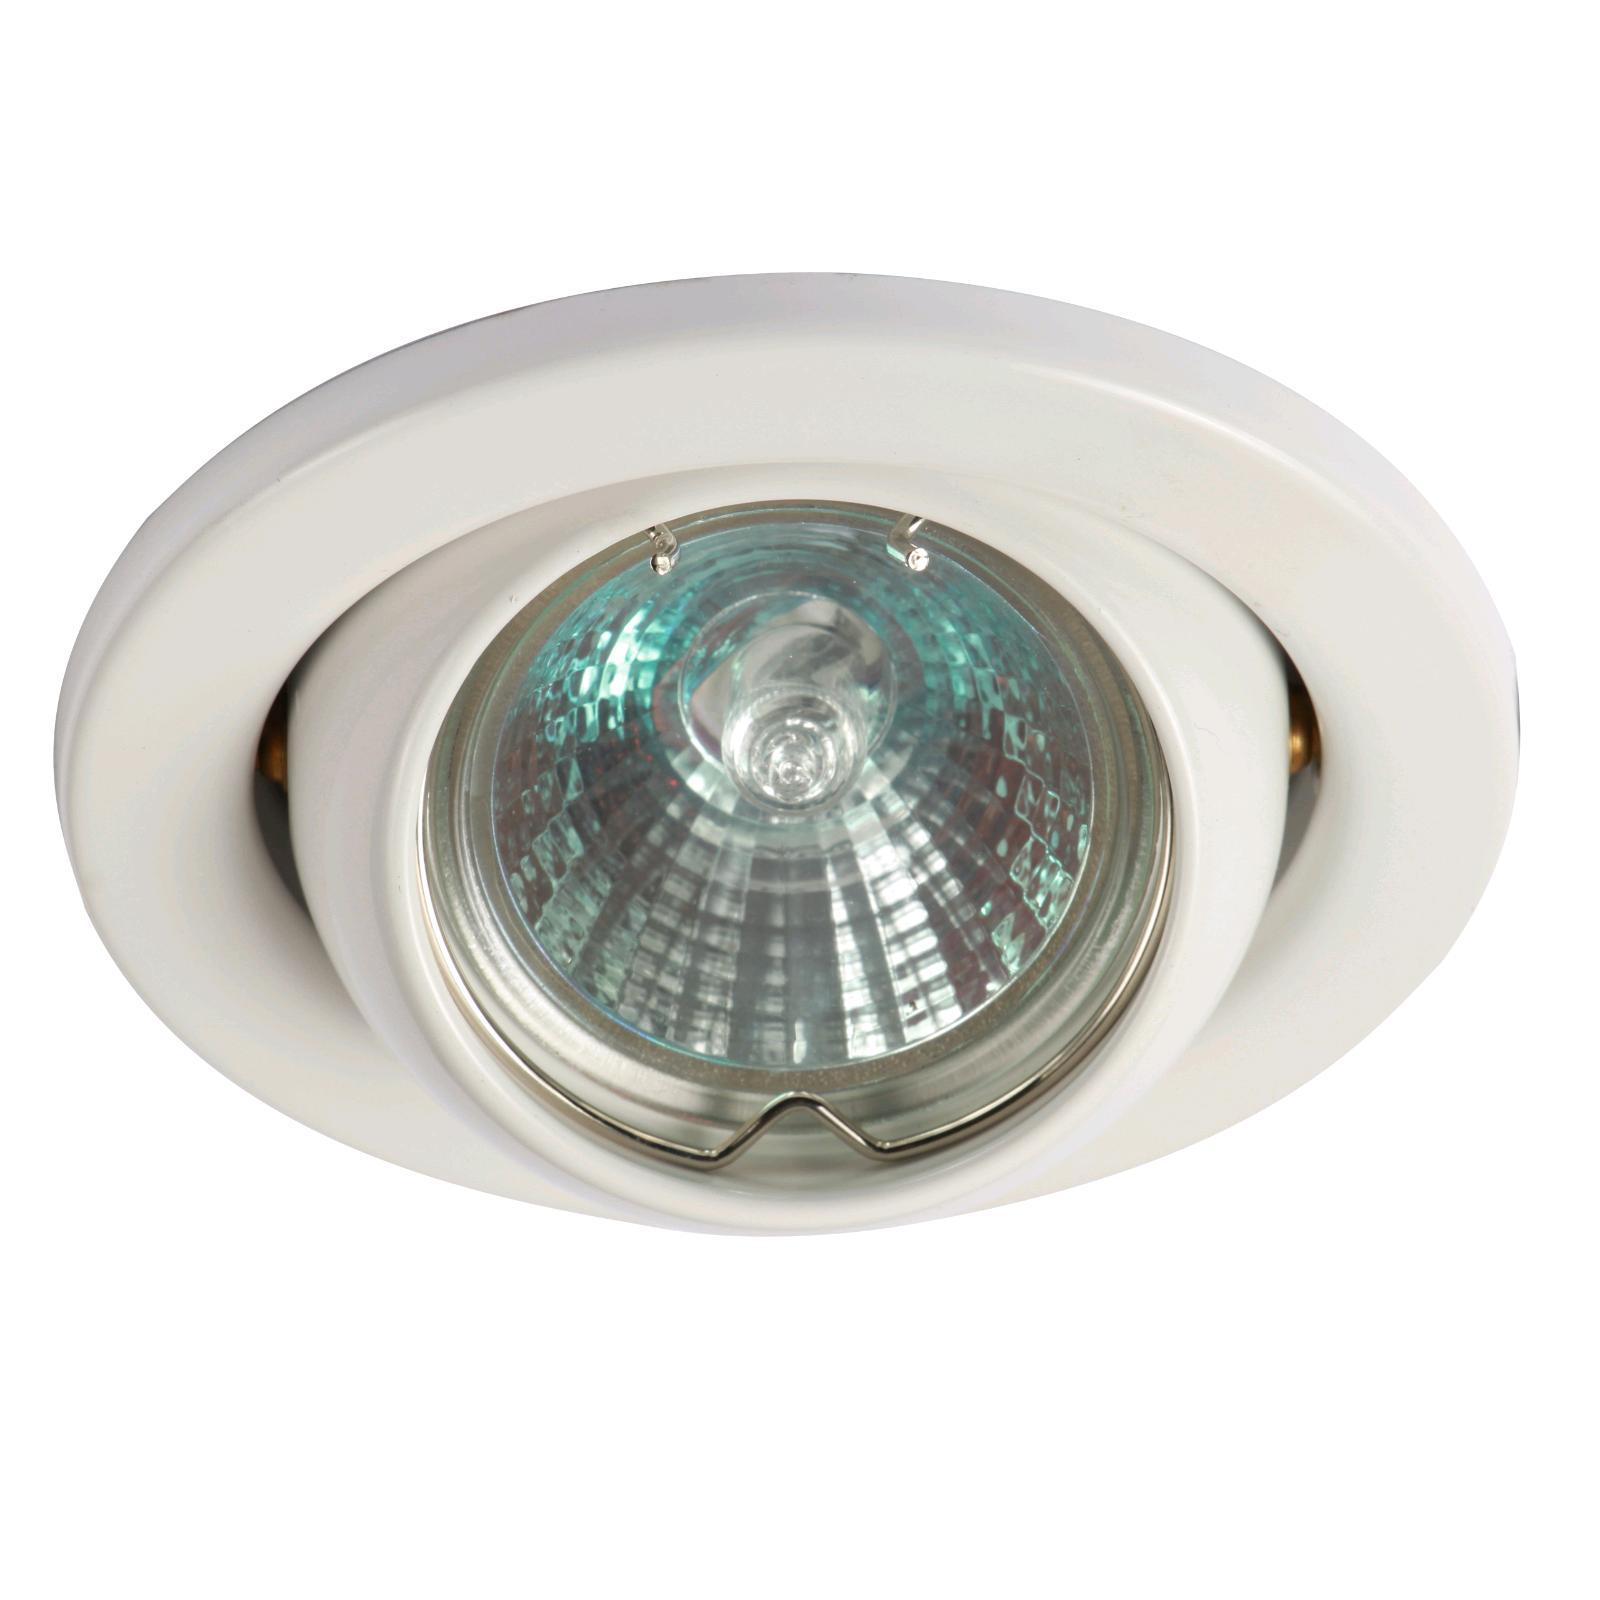 JCC Fireguard LV Eyeball Downlight White